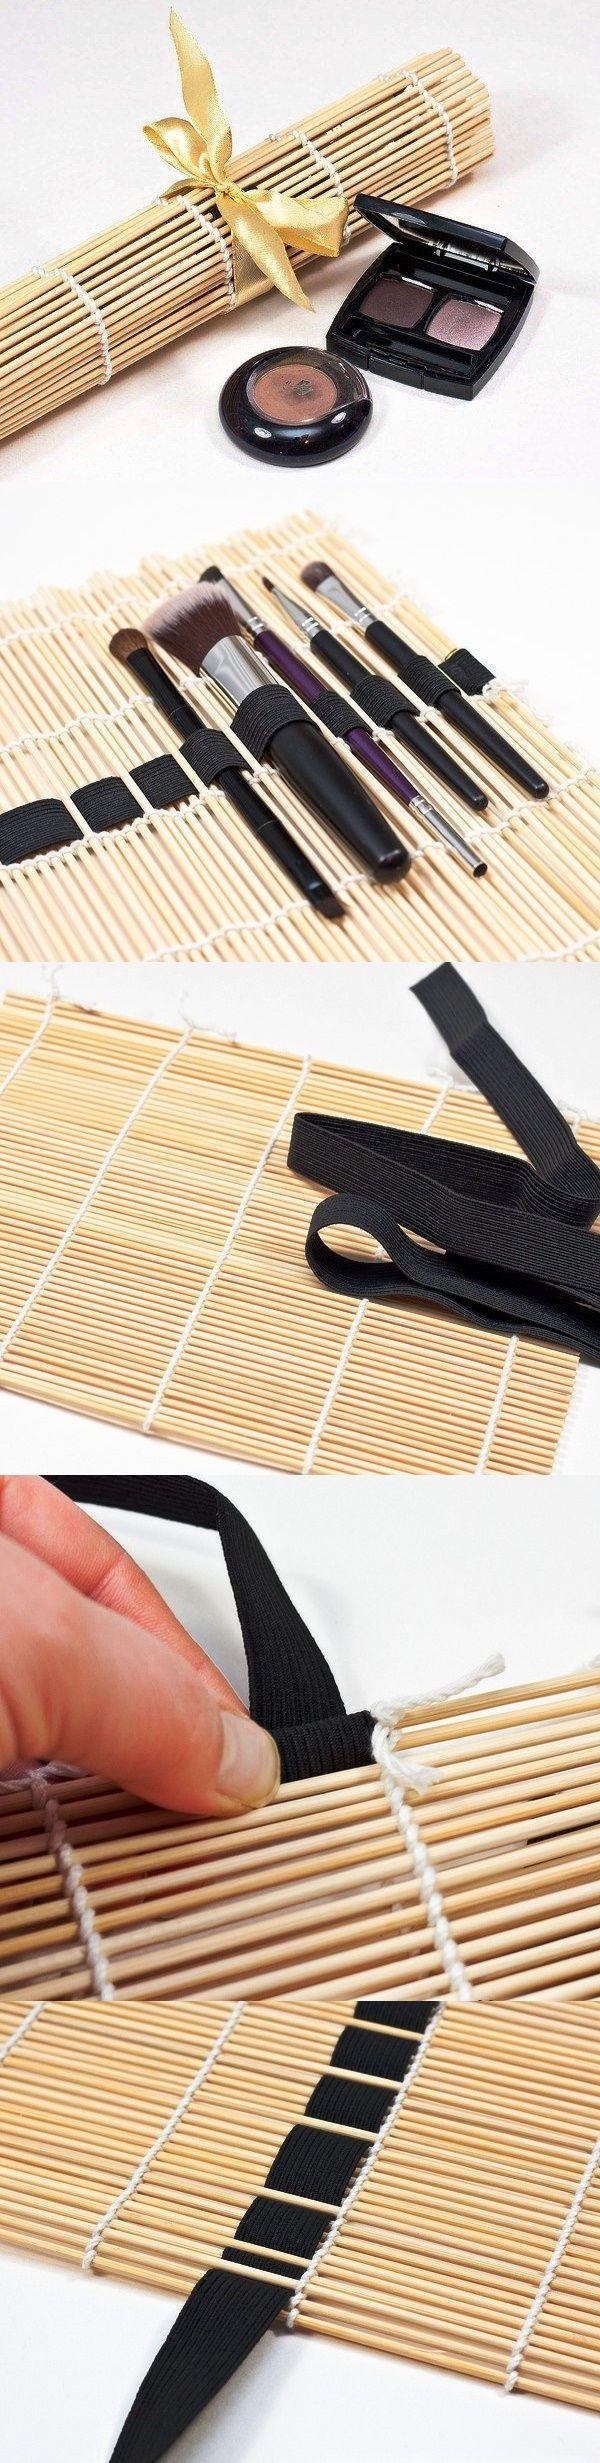 DIY Brush and swab holder | Diy | Pinterest | Aufräumen, Erste ...